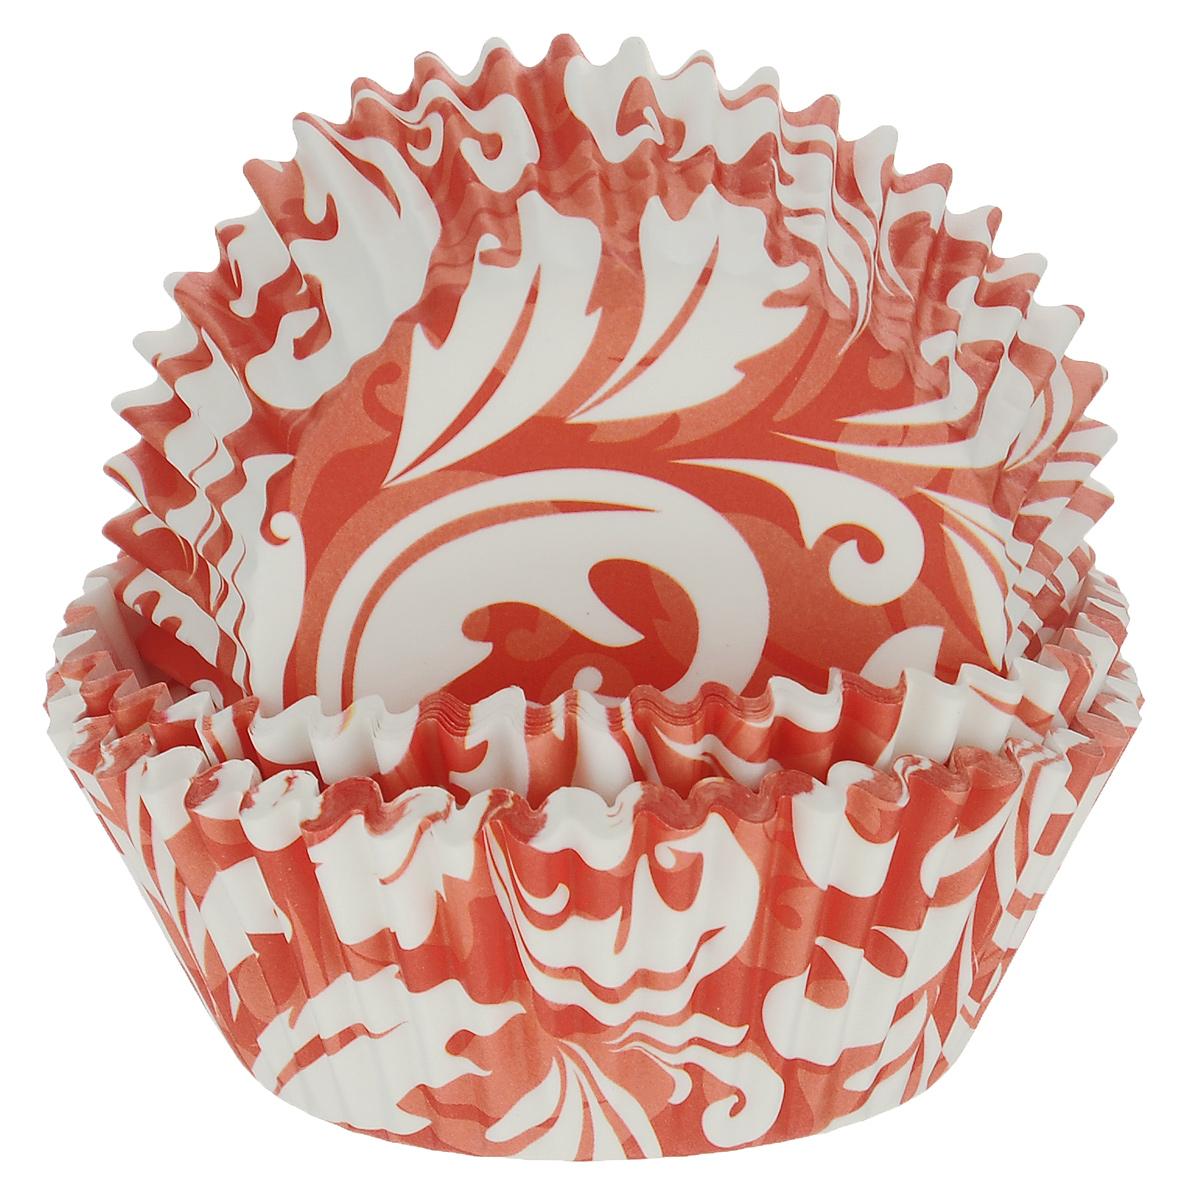 Набор бумажных форм для кексов Dolce Arti Красный узор, цвет: красный, белый, диаметр 7 см, 50 штDA080202Набор Dolce Arti Красный узор состоит из 50 бумажных форм для кексов, оформленных оригинальным узором. Они предназначены для выпечки и упаковки кондитерских изделий, также могут использоваться для сервировки орешков, конфет и много другого. Для одноразового применения. Гофрированные бумажные формы идеальны для выпечки кексов, булочек и пирожных.Высота стенки: 3 см. Диаметр (по верхнему краю): 7 см.